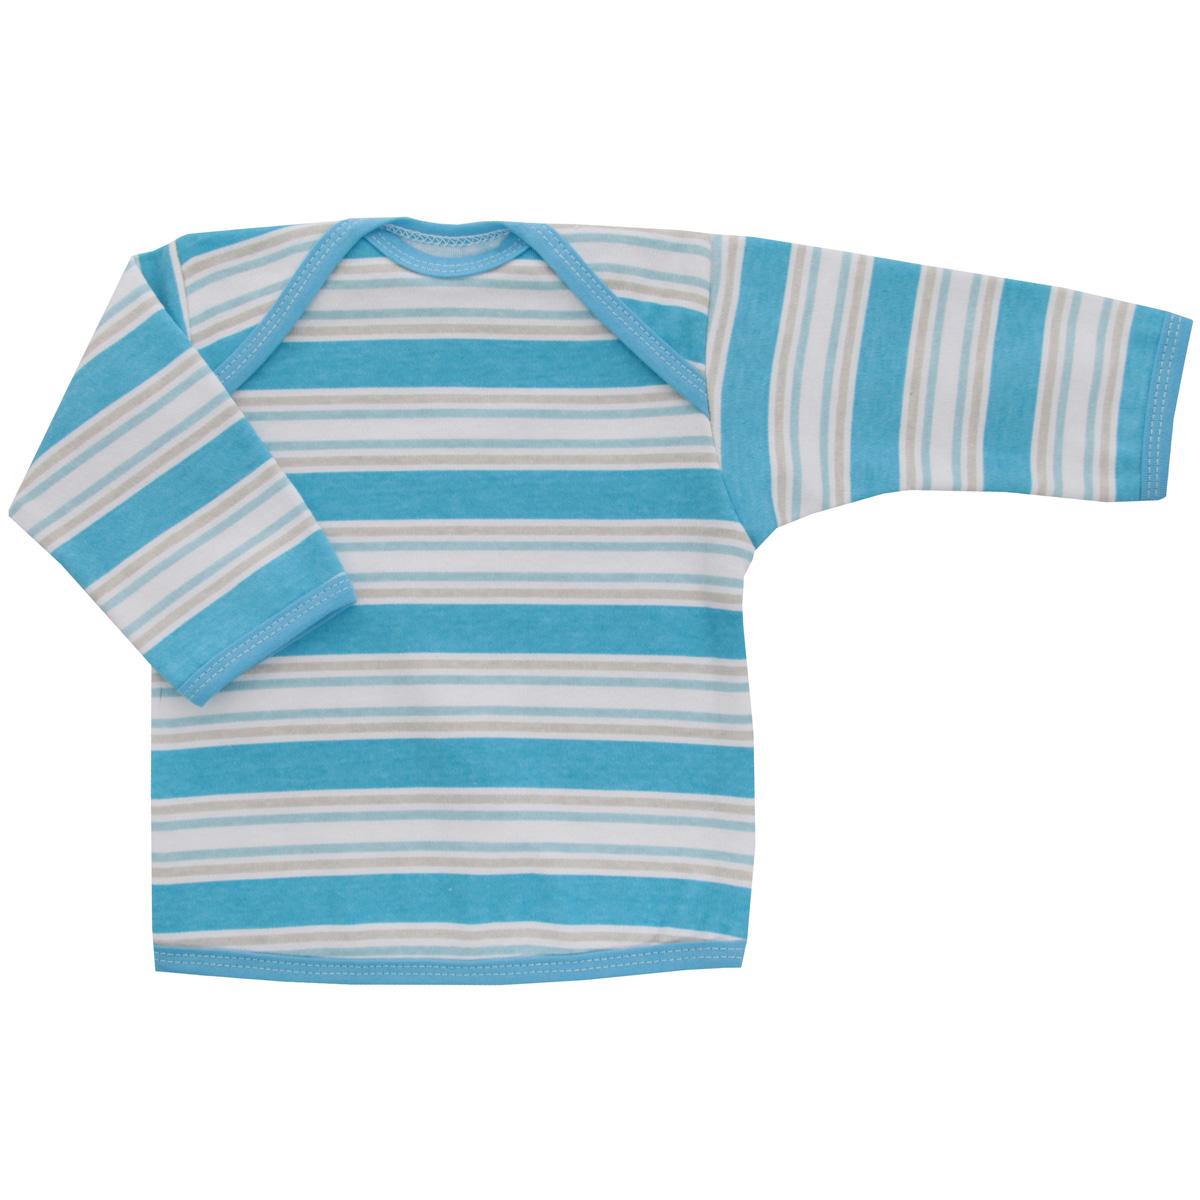 Футболка5611_полоскаУдобная детская футболка Трон-плюс с длинными рукавами послужит идеальным дополнением к гардеробу вашего ребенка, обеспечивая ему наибольший комфорт. Изготовленная из интерлока - натурального хлопка, она необычайно мягкая и легкая, не раздражает нежную кожу ребенка и хорошо вентилируется, а эластичные швы приятны телу ребенка и не препятствуют его движениям. Удобные запахи на плечах помогают легко переодеть младенца. Горловина, низ модели и низ рукавов дополнены трикотажной бейкой. Спинка модели незначительно укорочена. Оформлено изделие принтом в полоску. Футболка полностью соответствует особенностям жизни ребенка в ранний период, не стесняя и не ограничивая его в движениях.